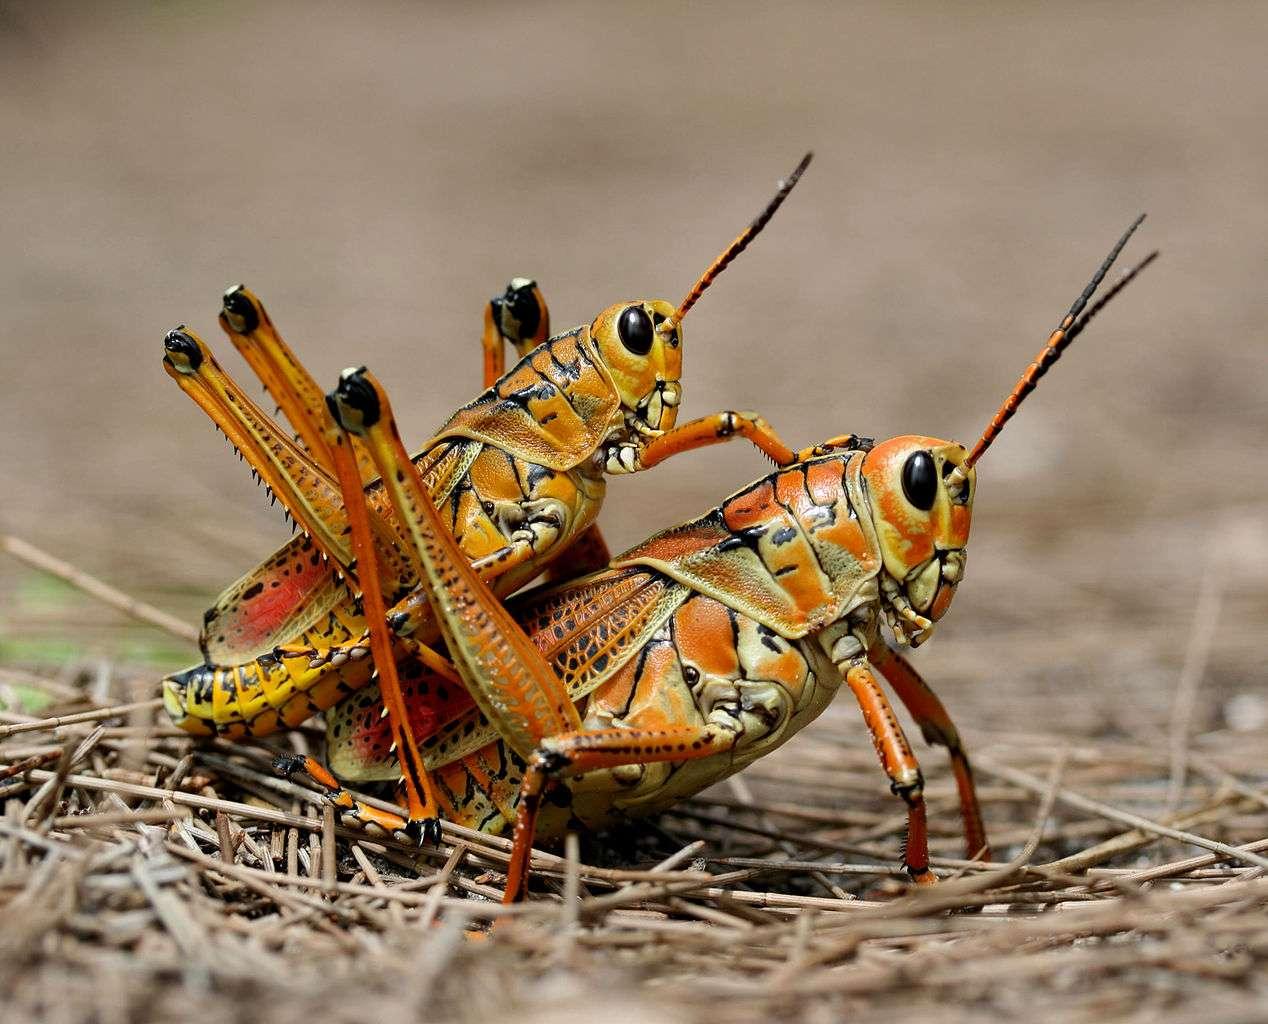 Romalea microptera est un exemple de paurométabole hétérométabole. La femelle pond un œuf qui livre une réplique identique de l'adulte sans ses ailes. © www.birdphotos.com, GNU 1.2